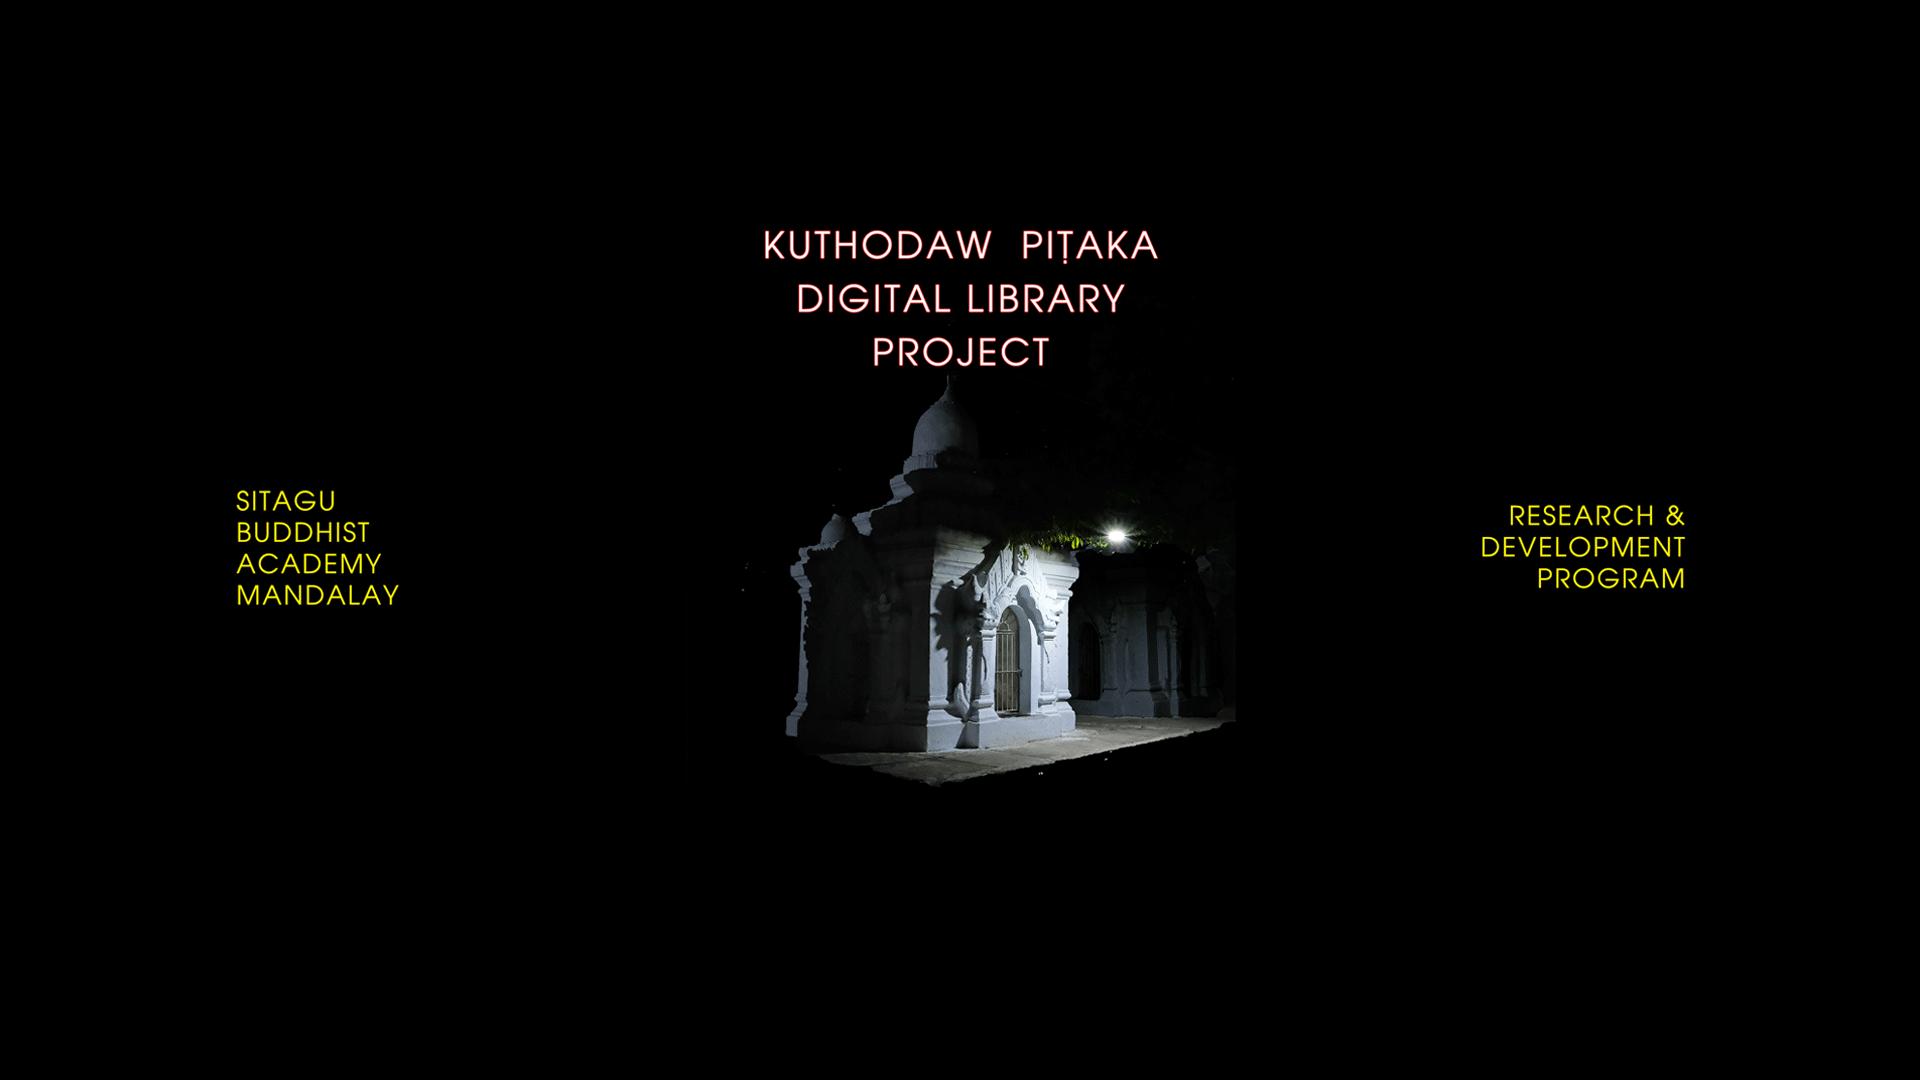 Kuthodaw Pitaka Digital Library